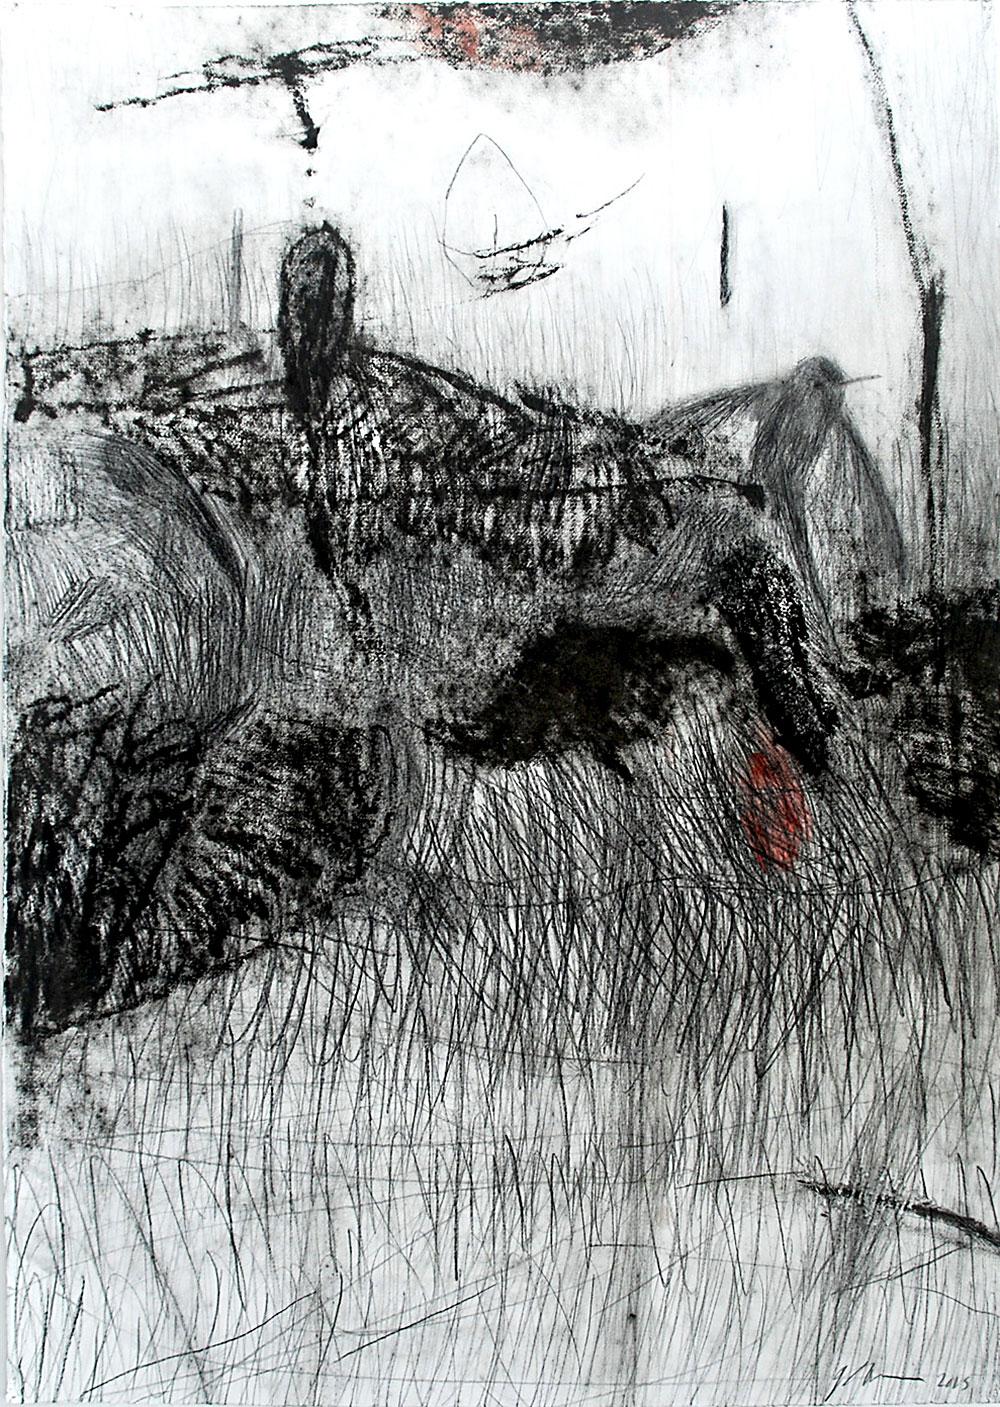 רישום-ציור בשחור